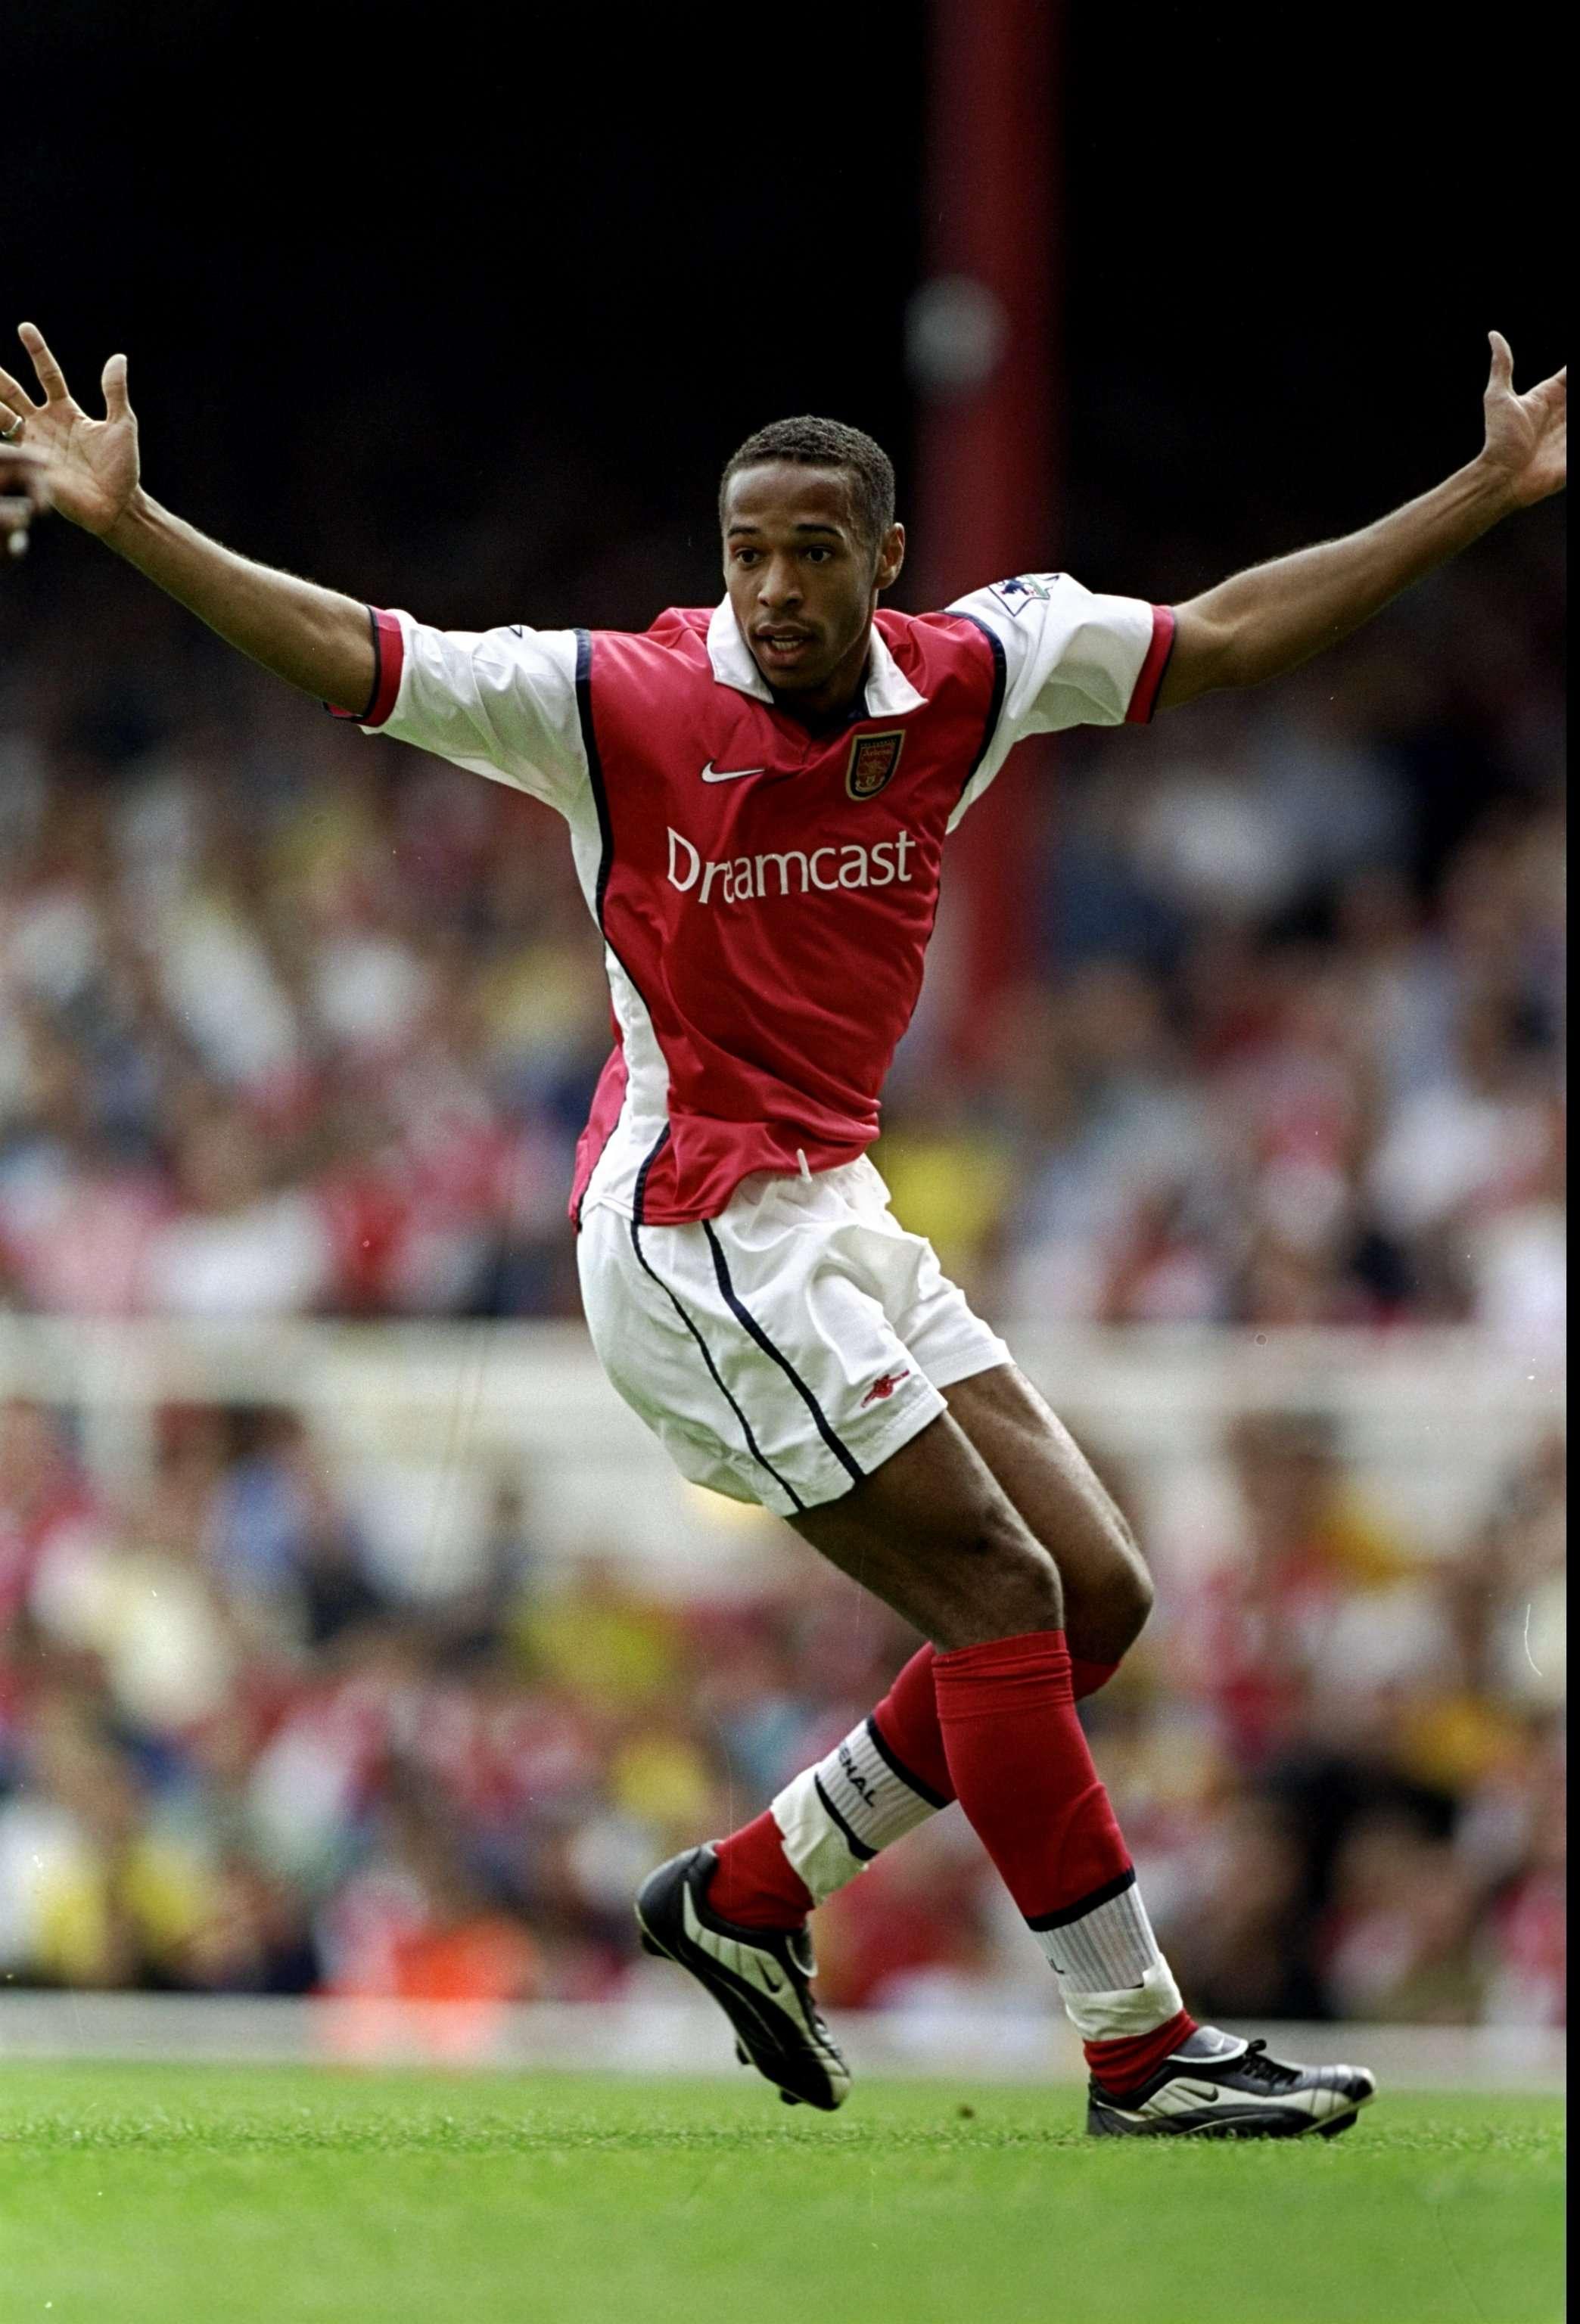 Thierry Henry, que pasó por equipos como el Mónaco, Juventus, Arsenal, el Barcelona o su último club, los New York Red Bulls, anunció su retirada. Foto: Getty Images